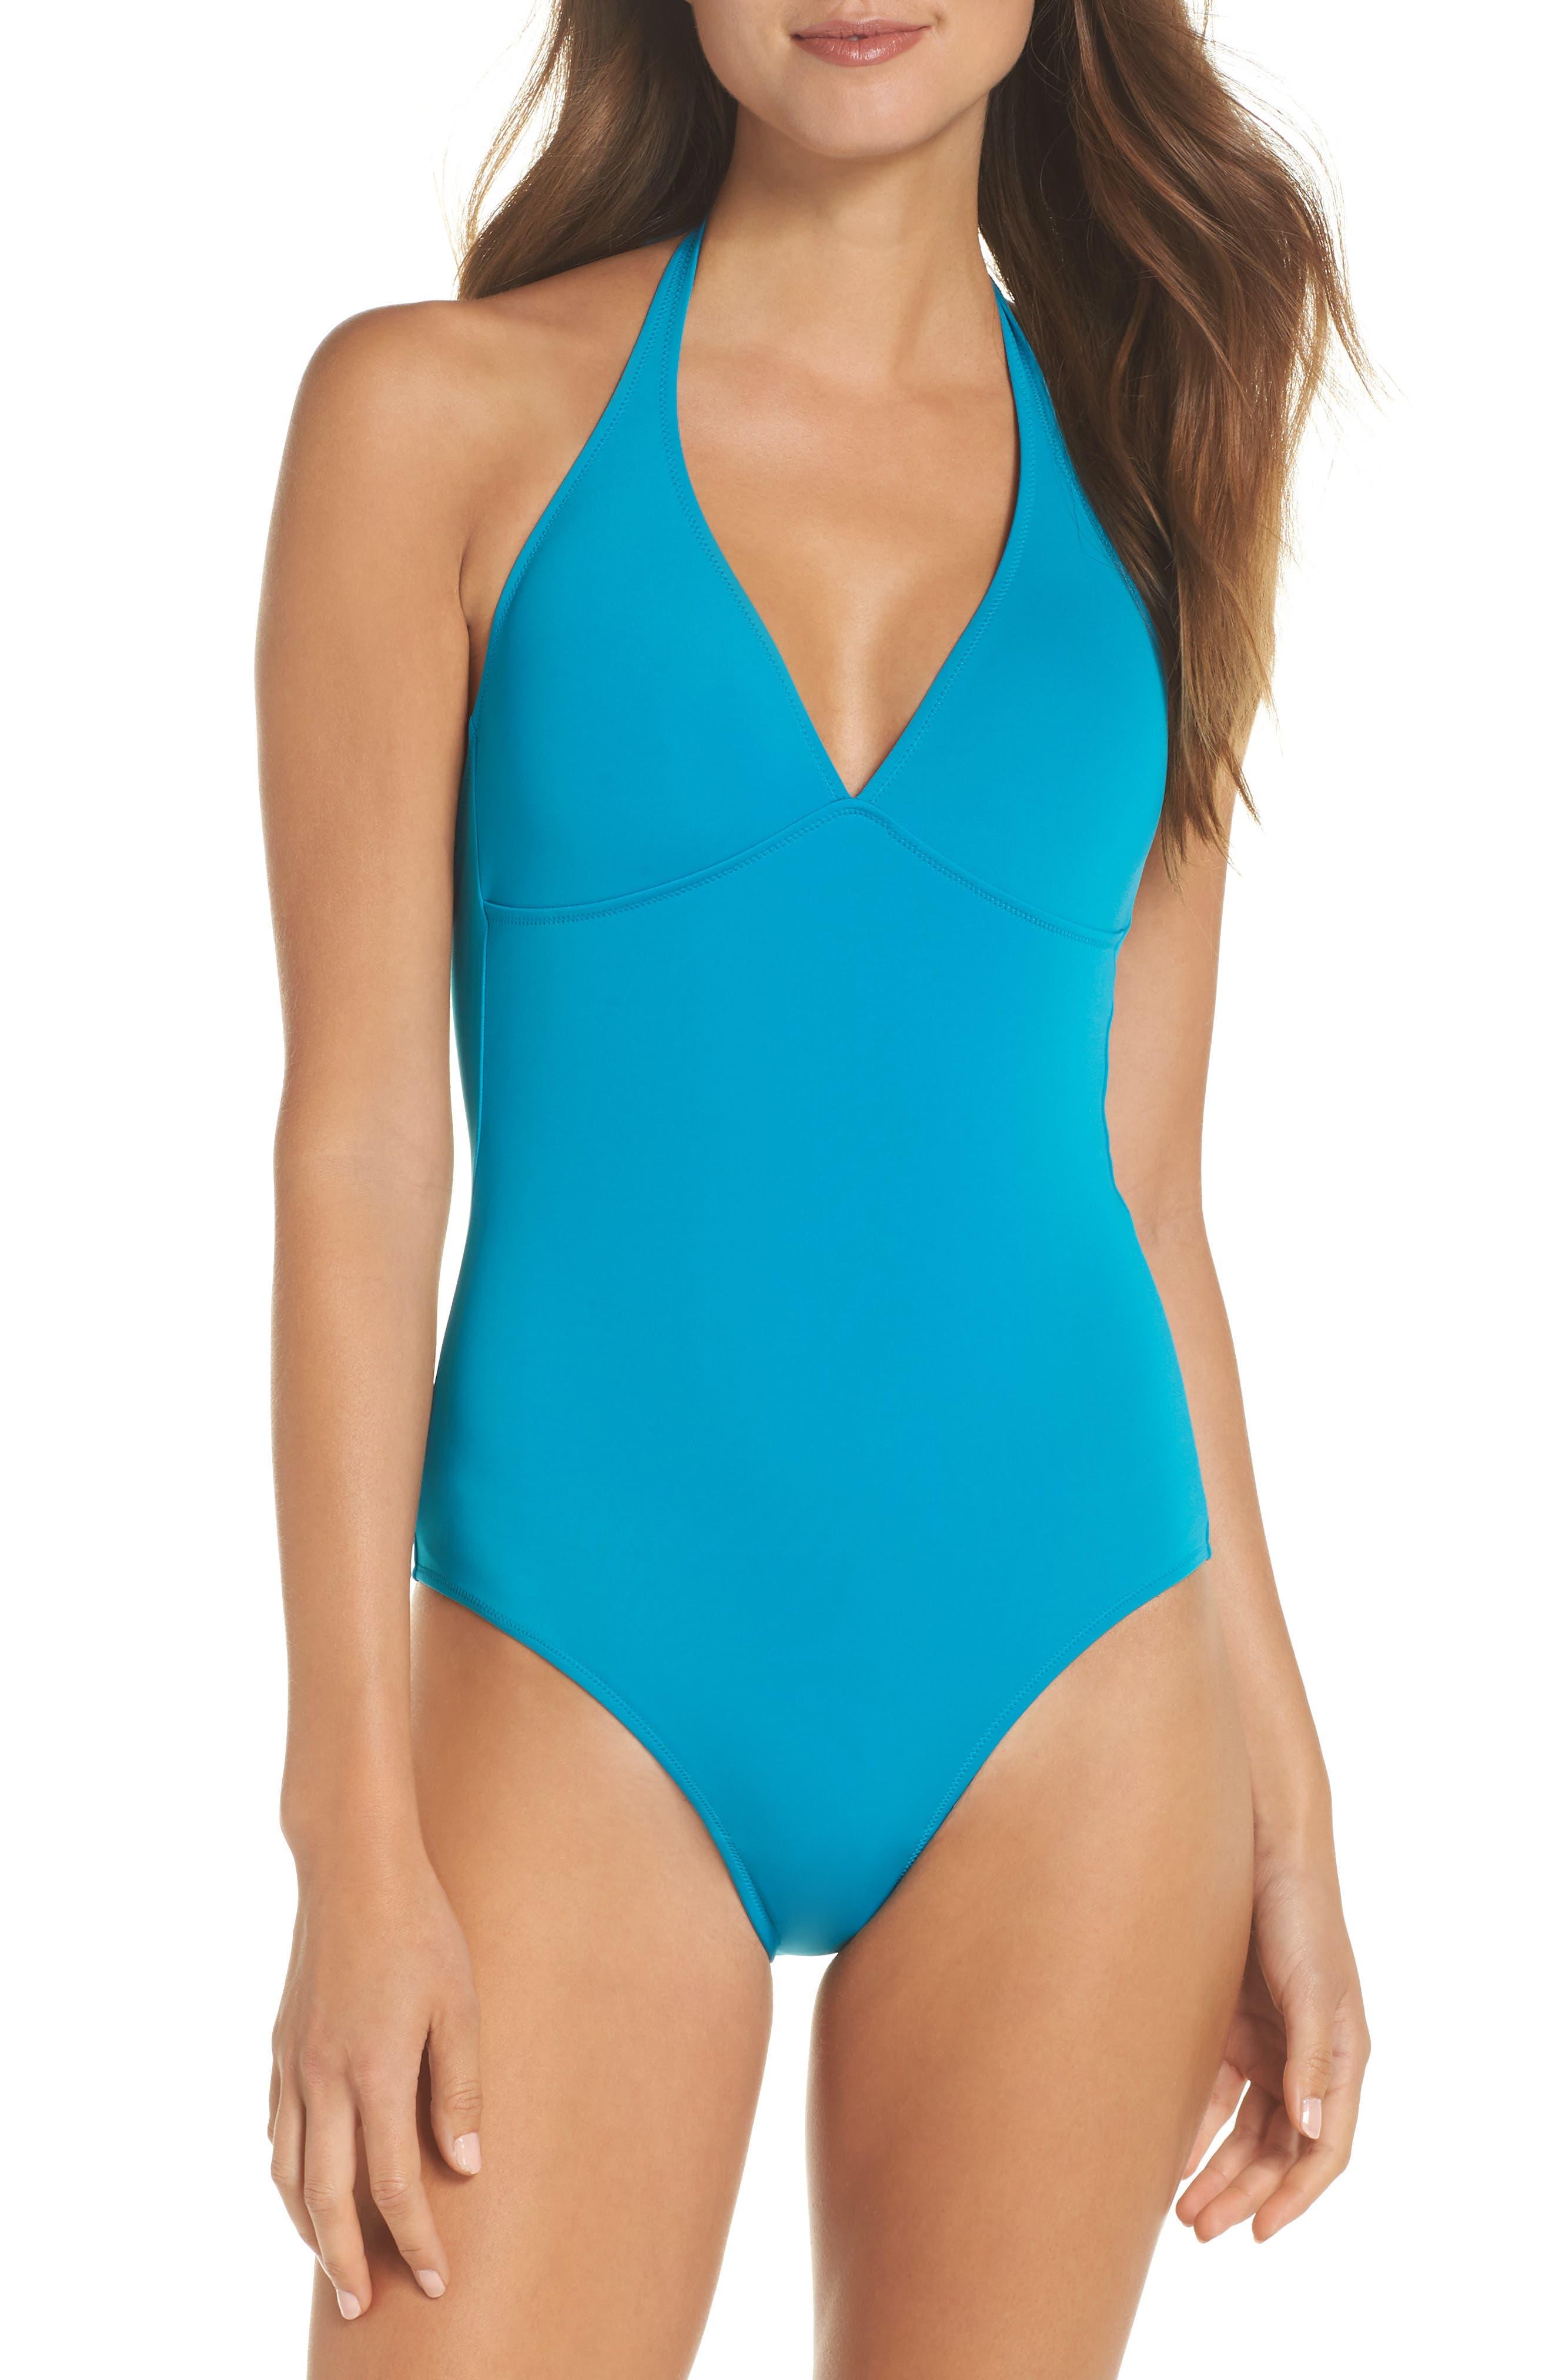 Women Swimwear - Women Shaping One Piece Swimsuit Solid - Swimming Trunk - Fames in Blue